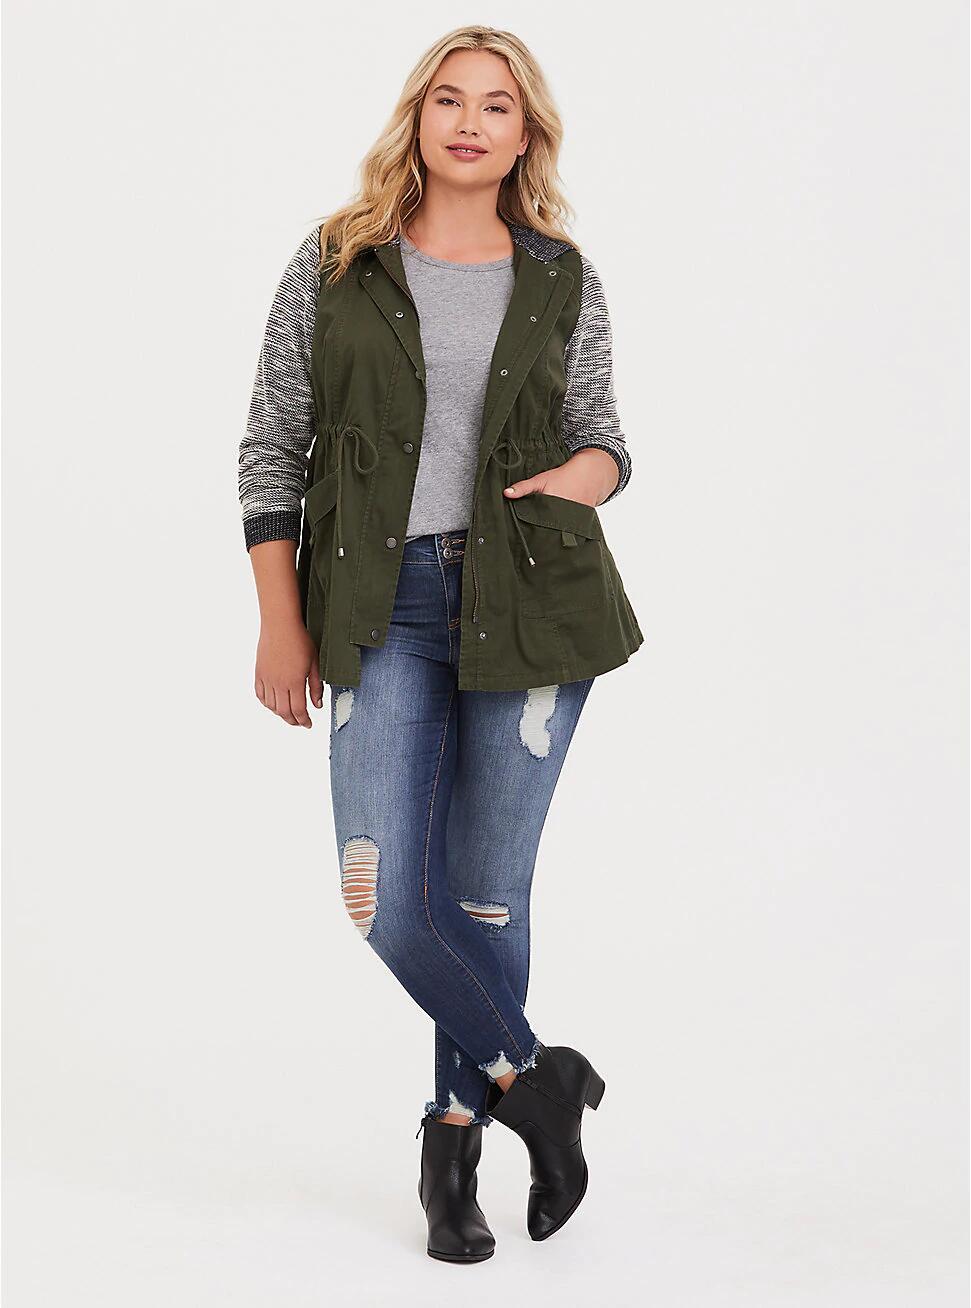 2019 NEW Fashion Plus Size L-5XL Spring Women Blend Coat Hooded Windbreaker Female Windproof Outerwear   Basic     Jacket   Coat Tops